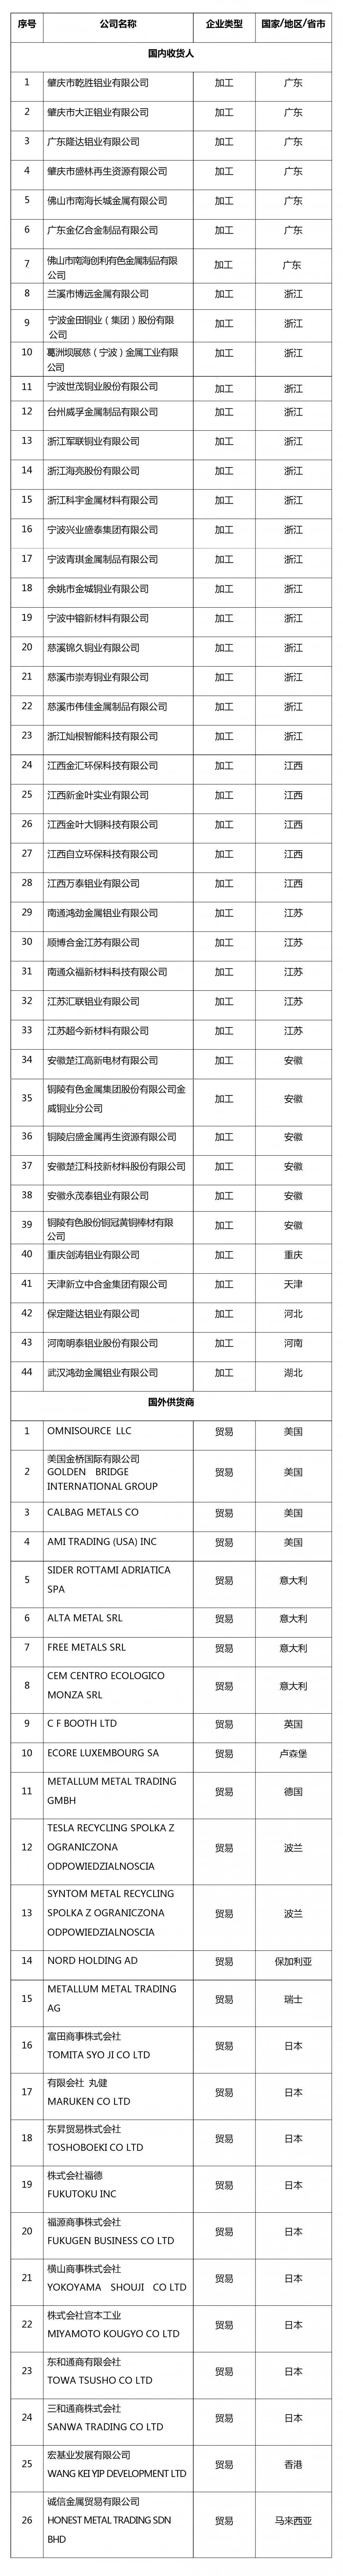 《【沐鸣测速注册】关于再生铜铝原料国外供货商及国内收货人资质认定第二批公示名单》